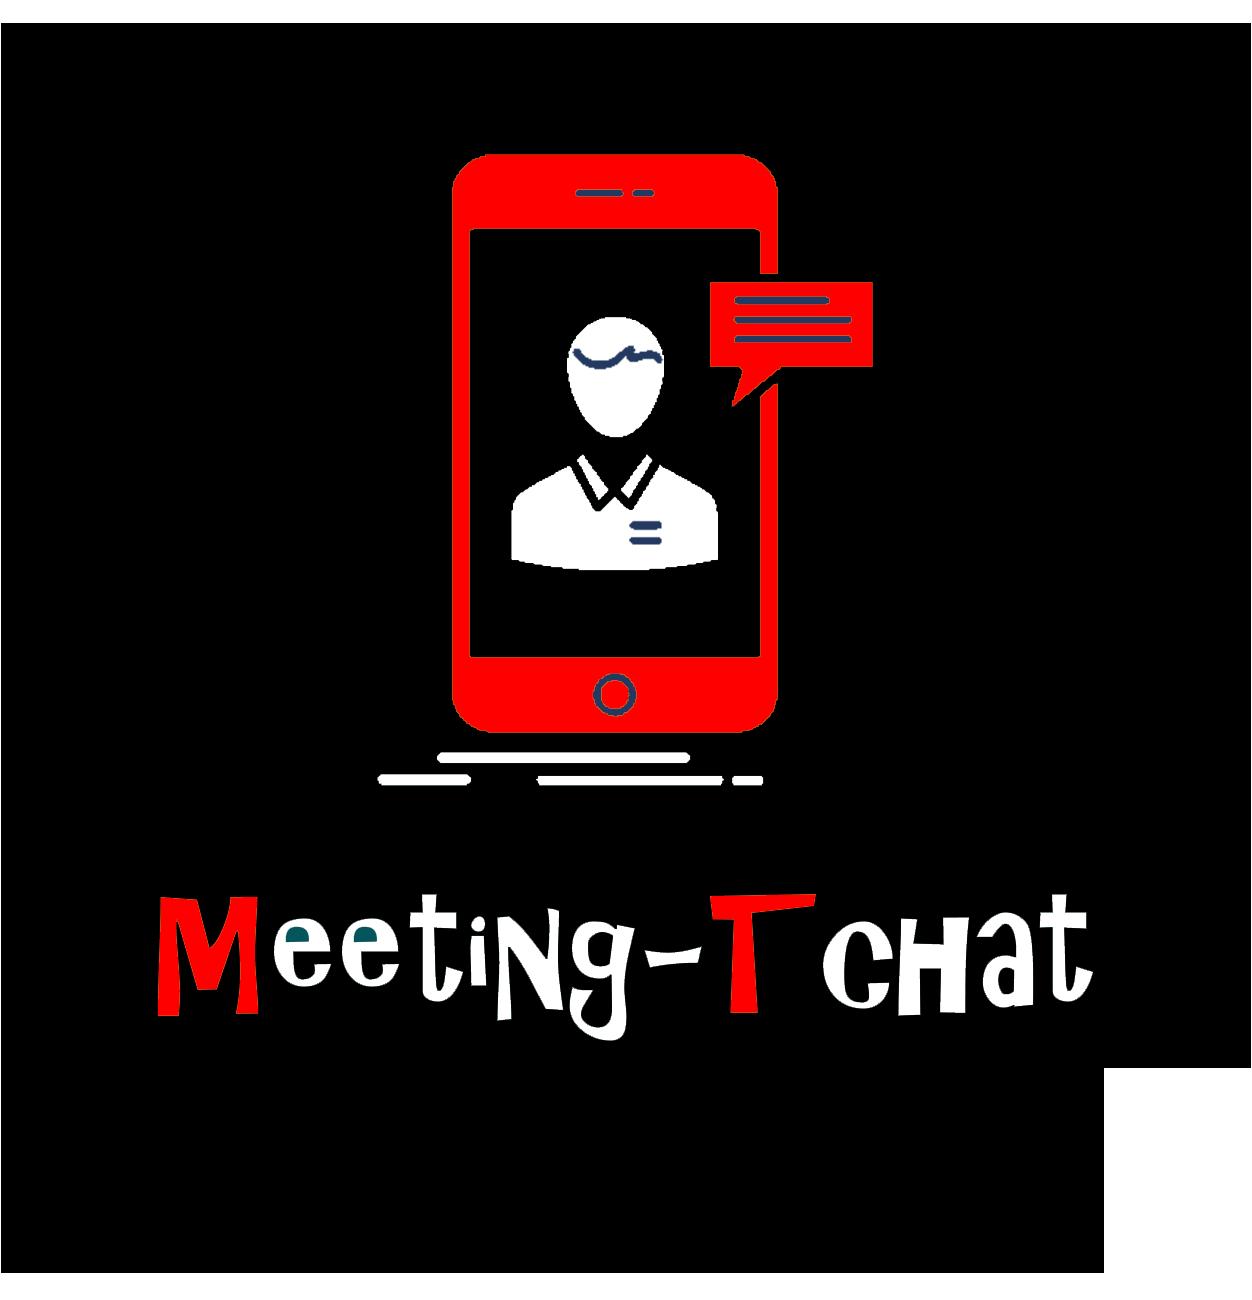 Meeting-Tchat